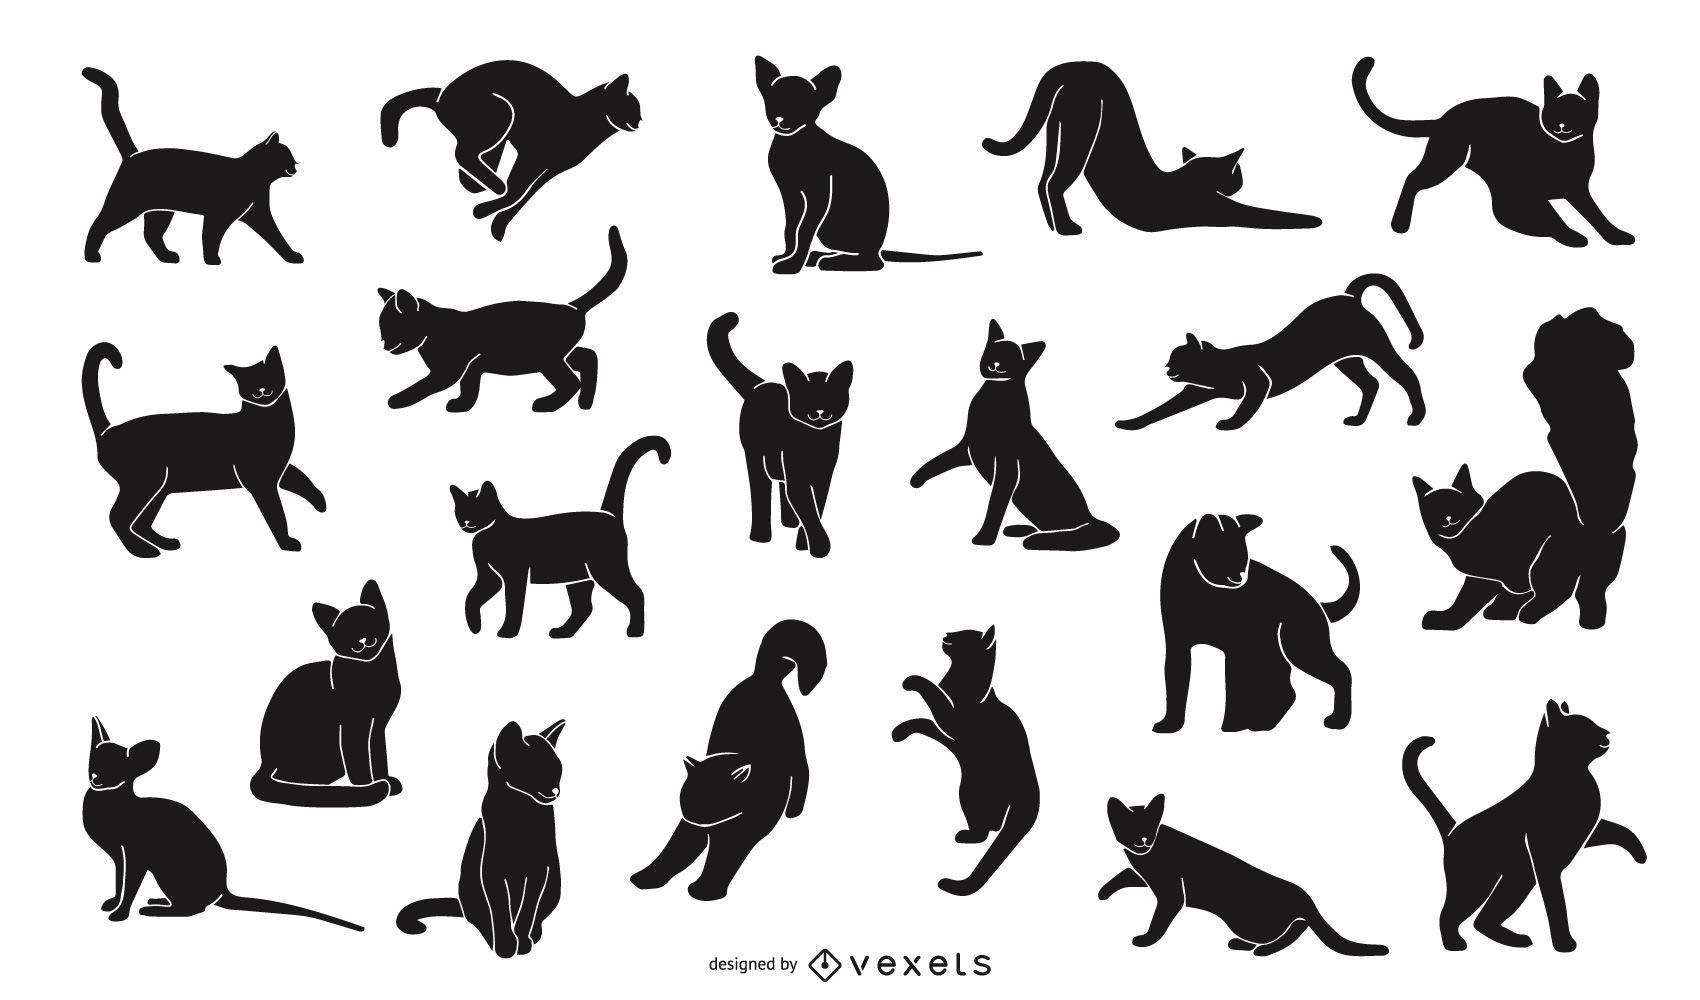 Cat Silhouette Design Pack